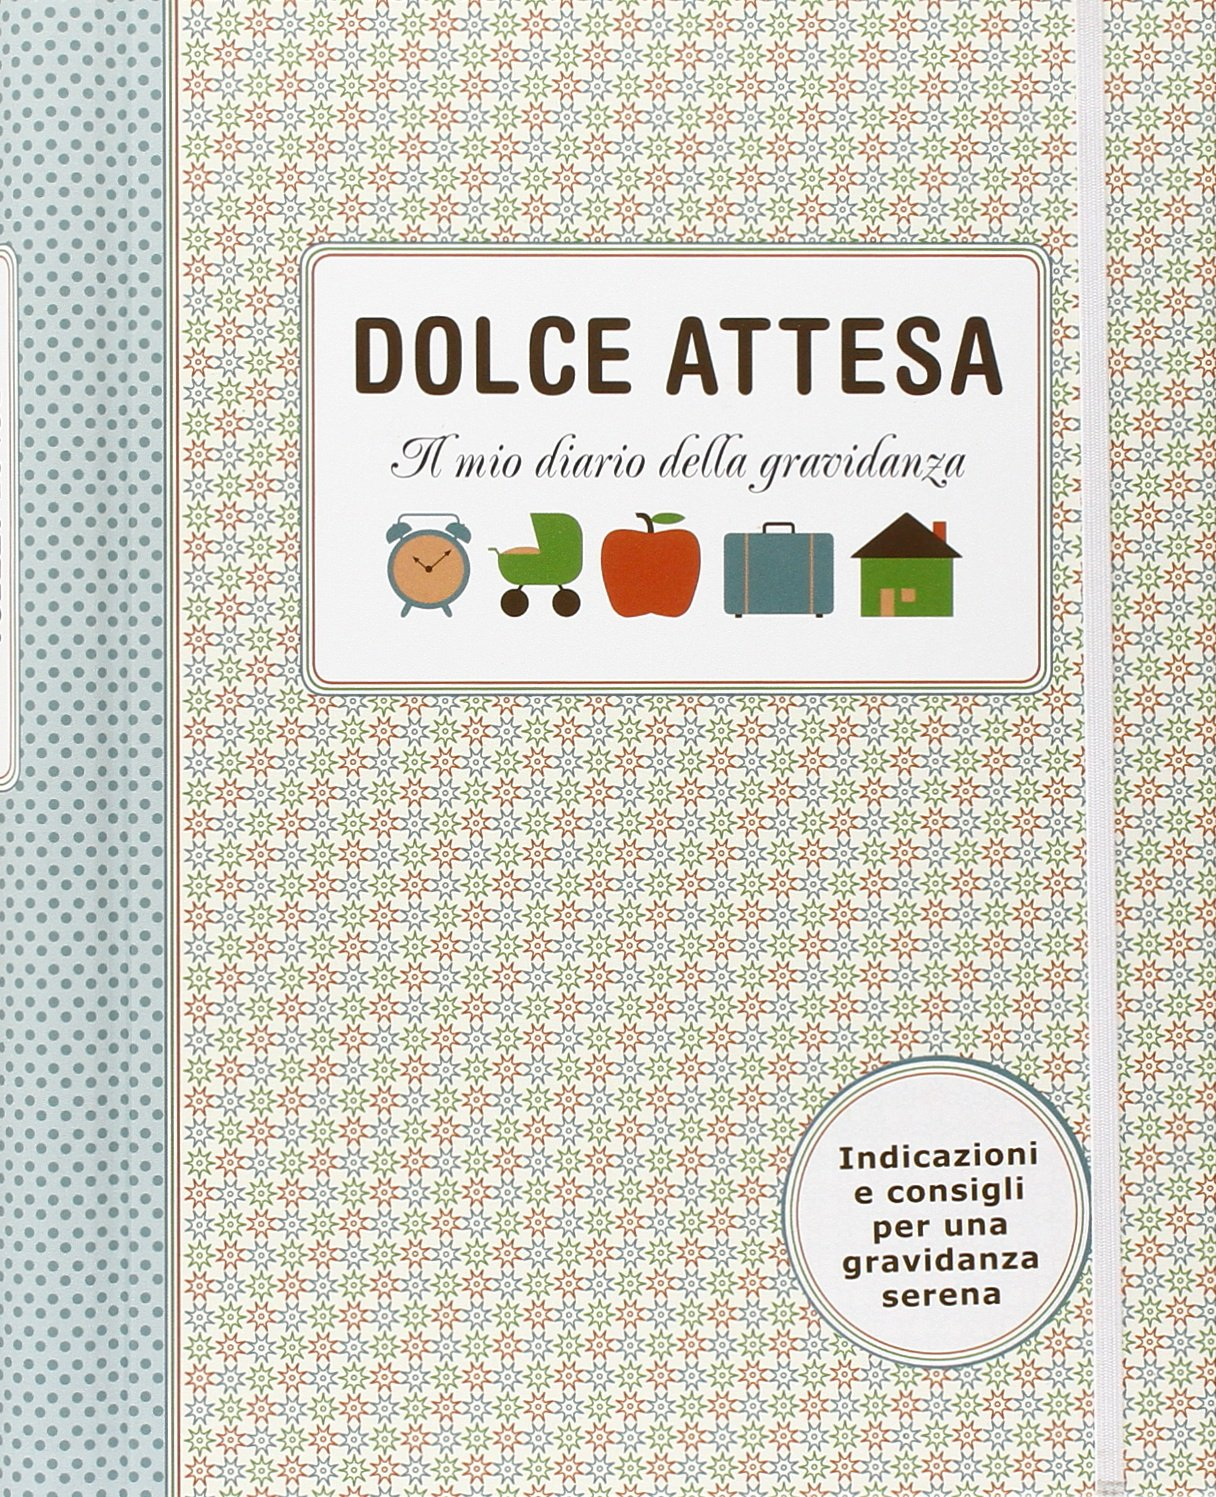 Famoso Dolce attesa. Il mio diario della gravidanza: Amazon.it: Libri NP25